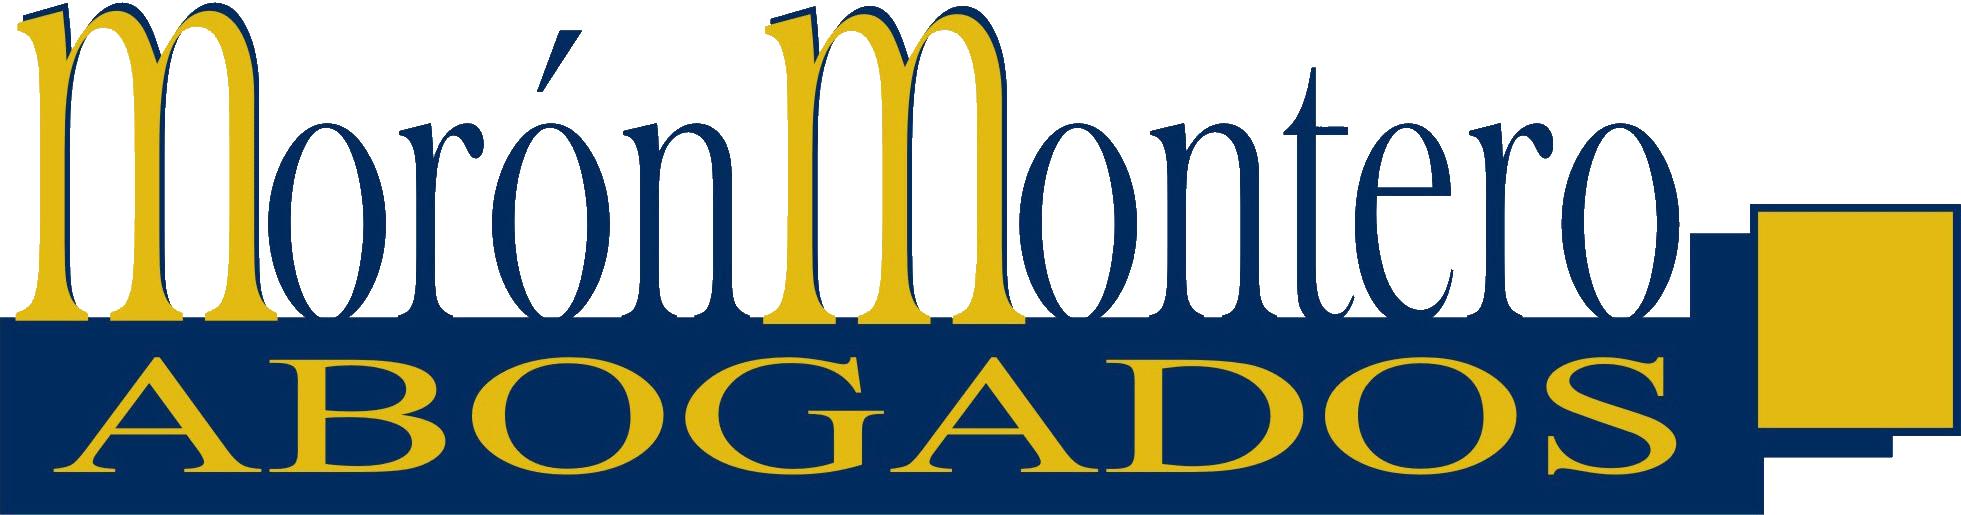 Morón y Montero Abogados presta servicios en Córdoba y Sevilla. Especialistas en distintas áreas, entre las que destacan el Derecho de familia, Hipotecario y Derecho financiero.